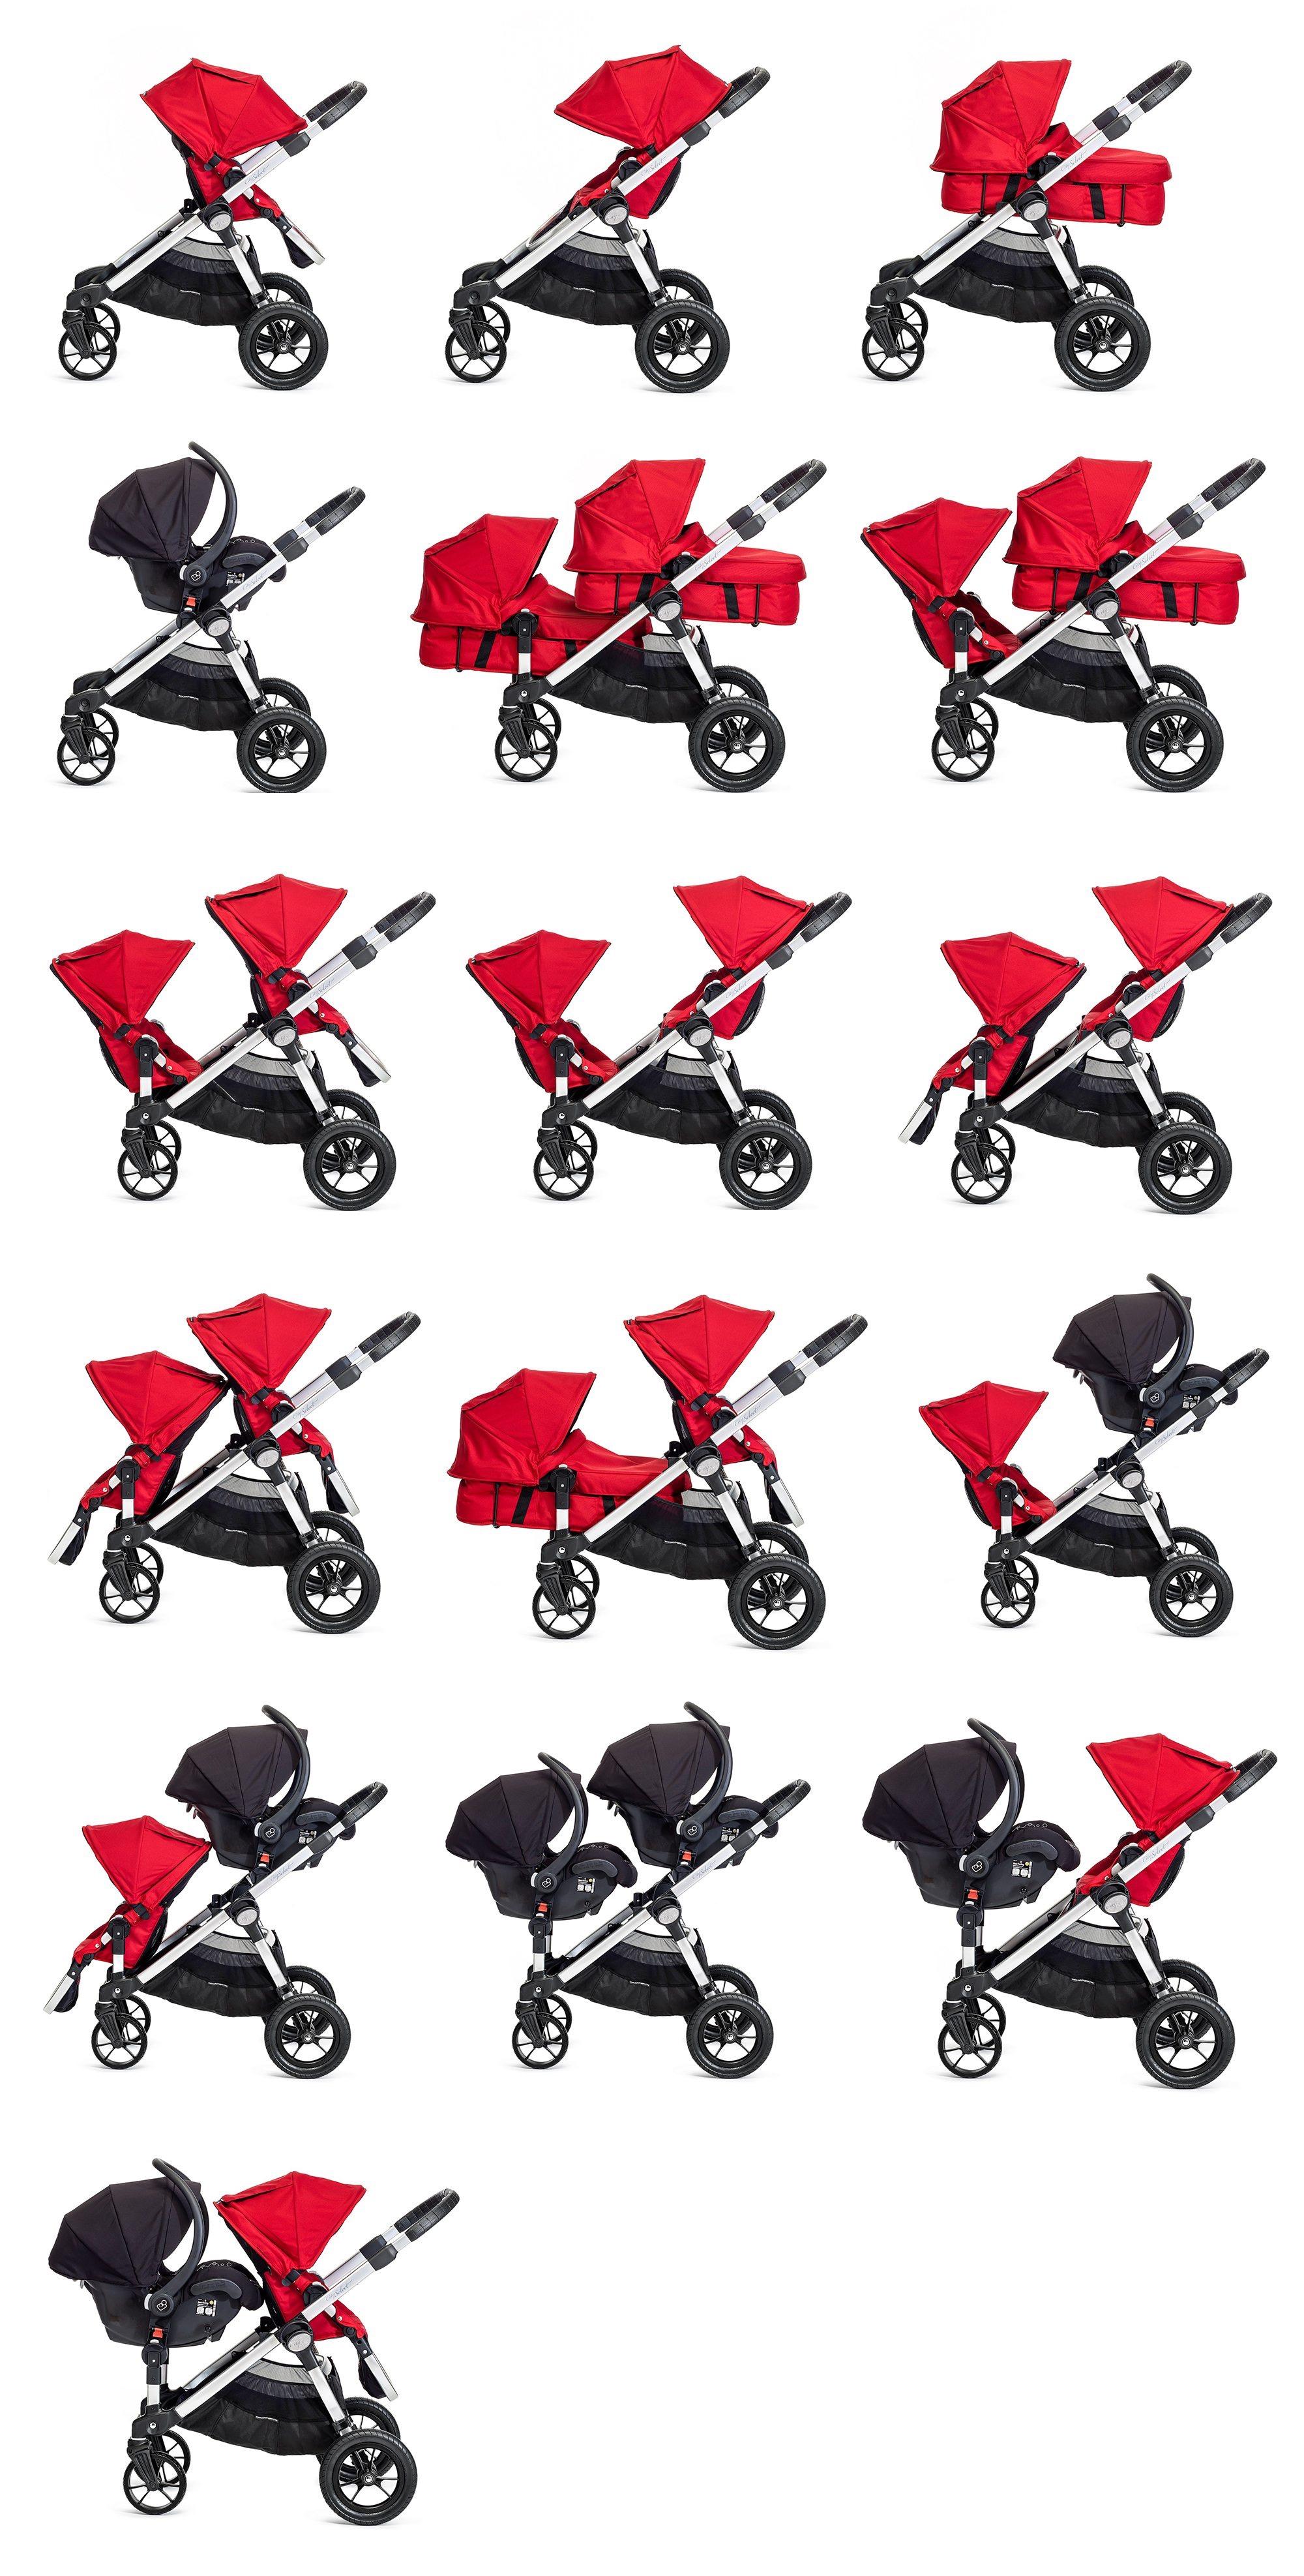 להפליא Baby Jogger City Select Stroller (Silver) – כזה אני רוצה ! I Need It LY-75